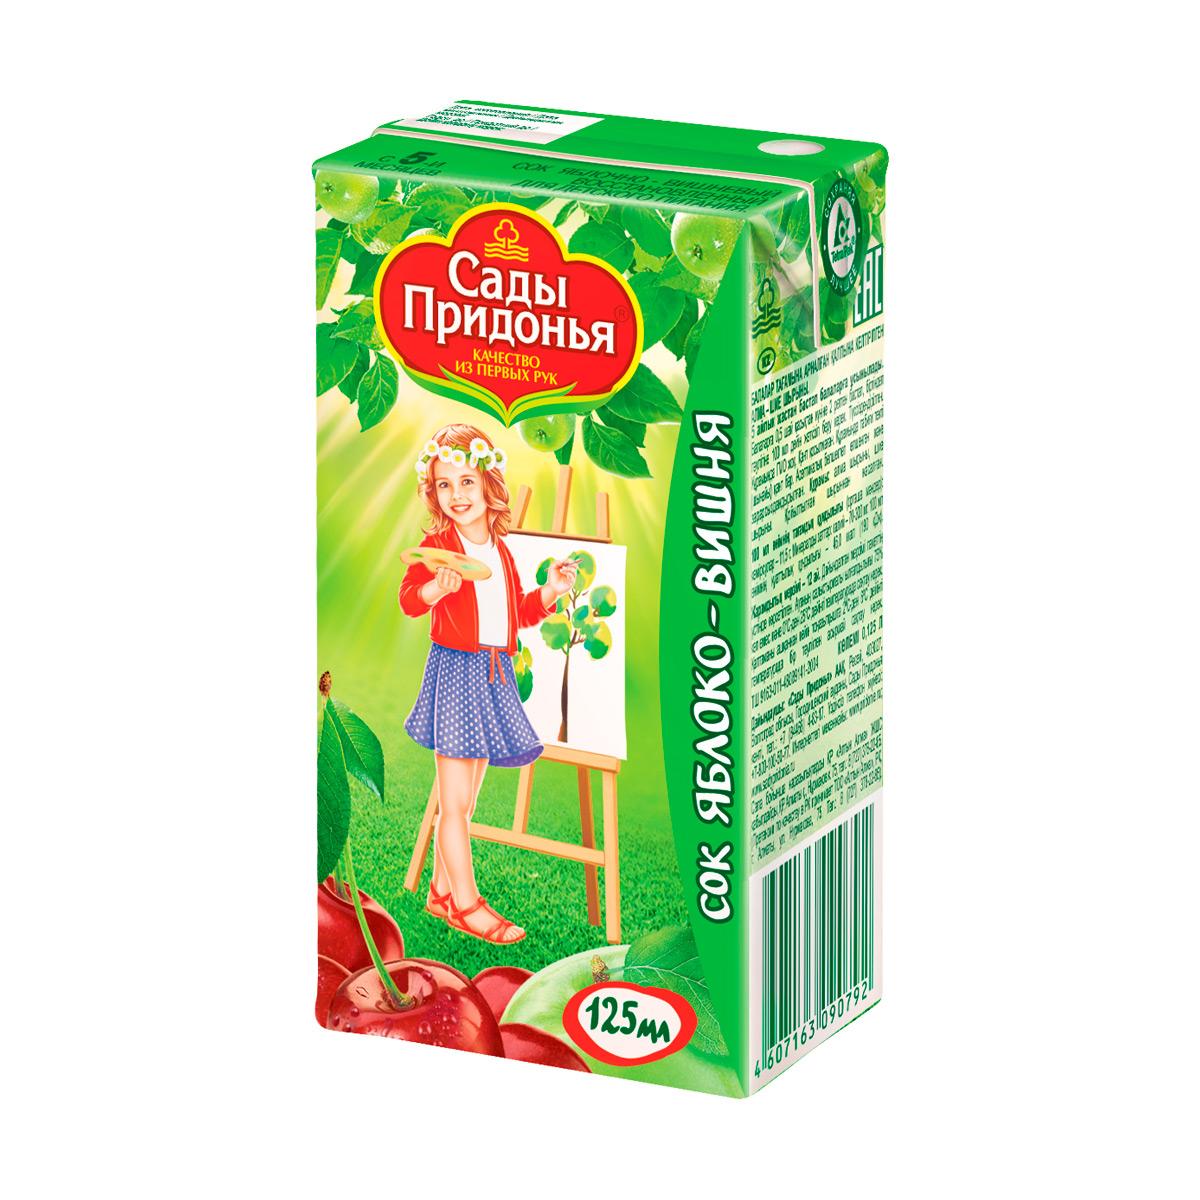 Сок Сады Придонья 125 мл (тетрапак) Яблоко вишня осветленный (с 5 мес)<br>